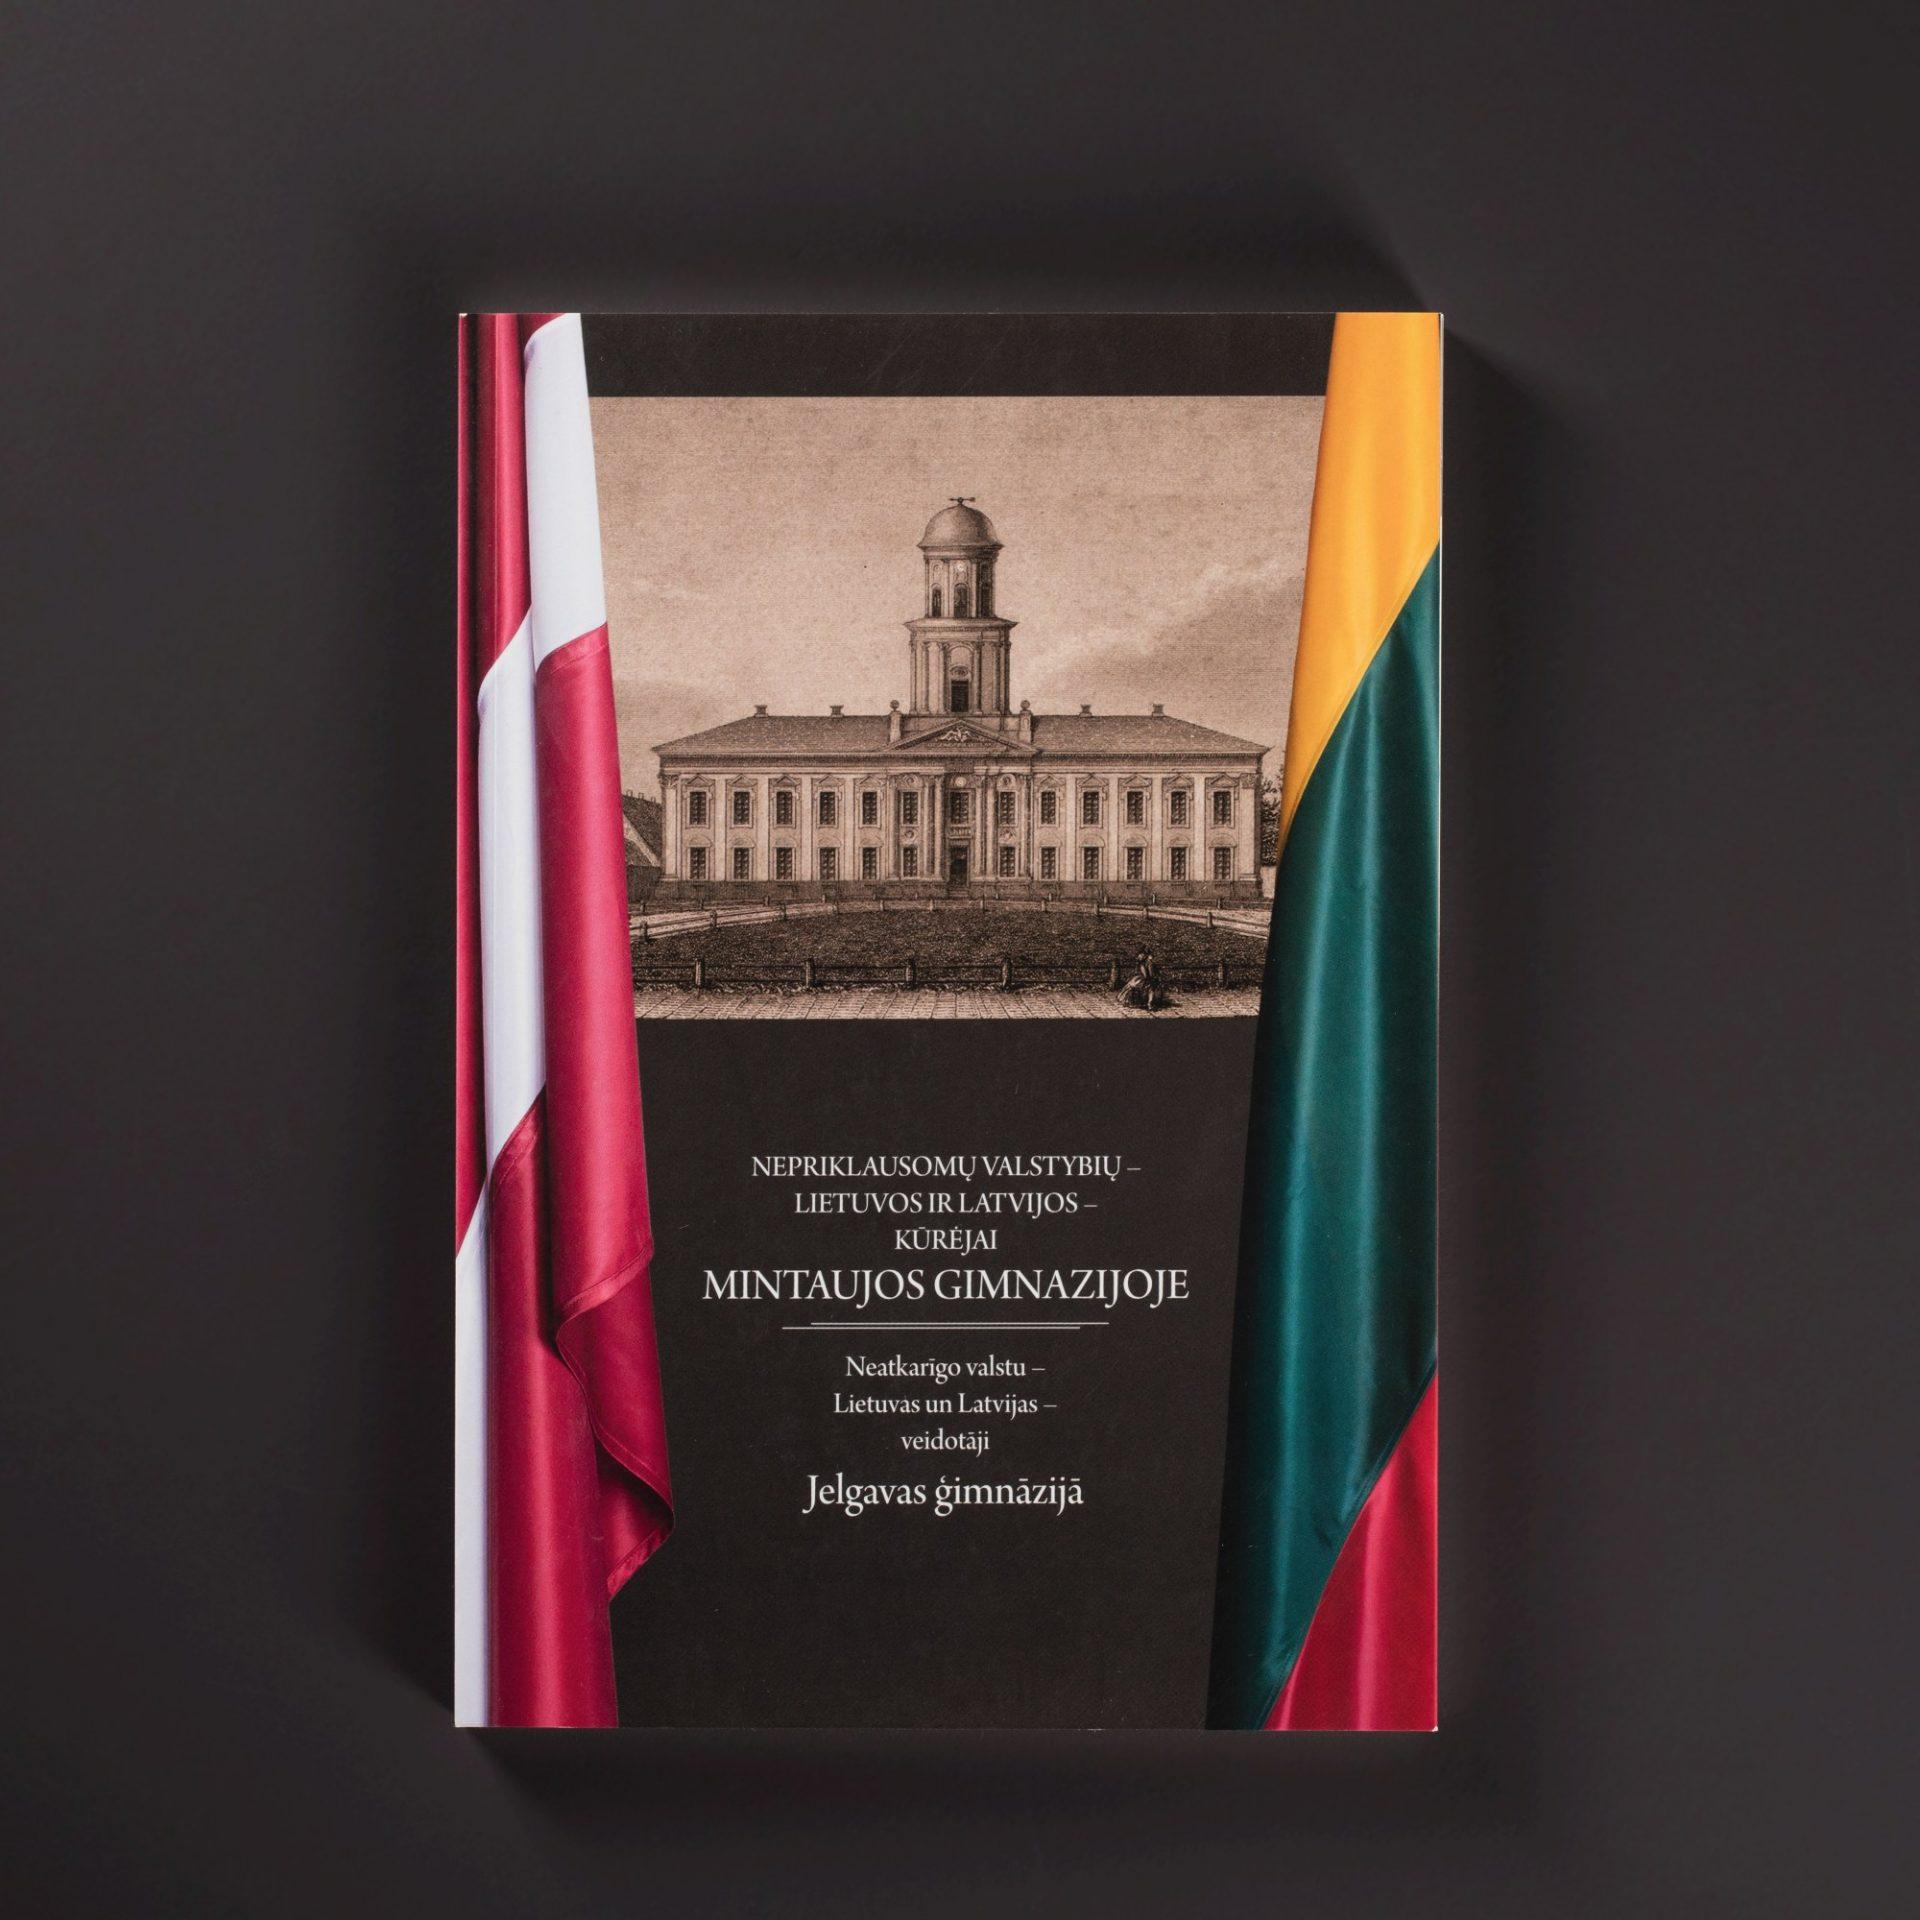 Nepriklausomų valstybių - Lietuvos ir Latvijos kūrėjai Mintaujos Gimnazijoje